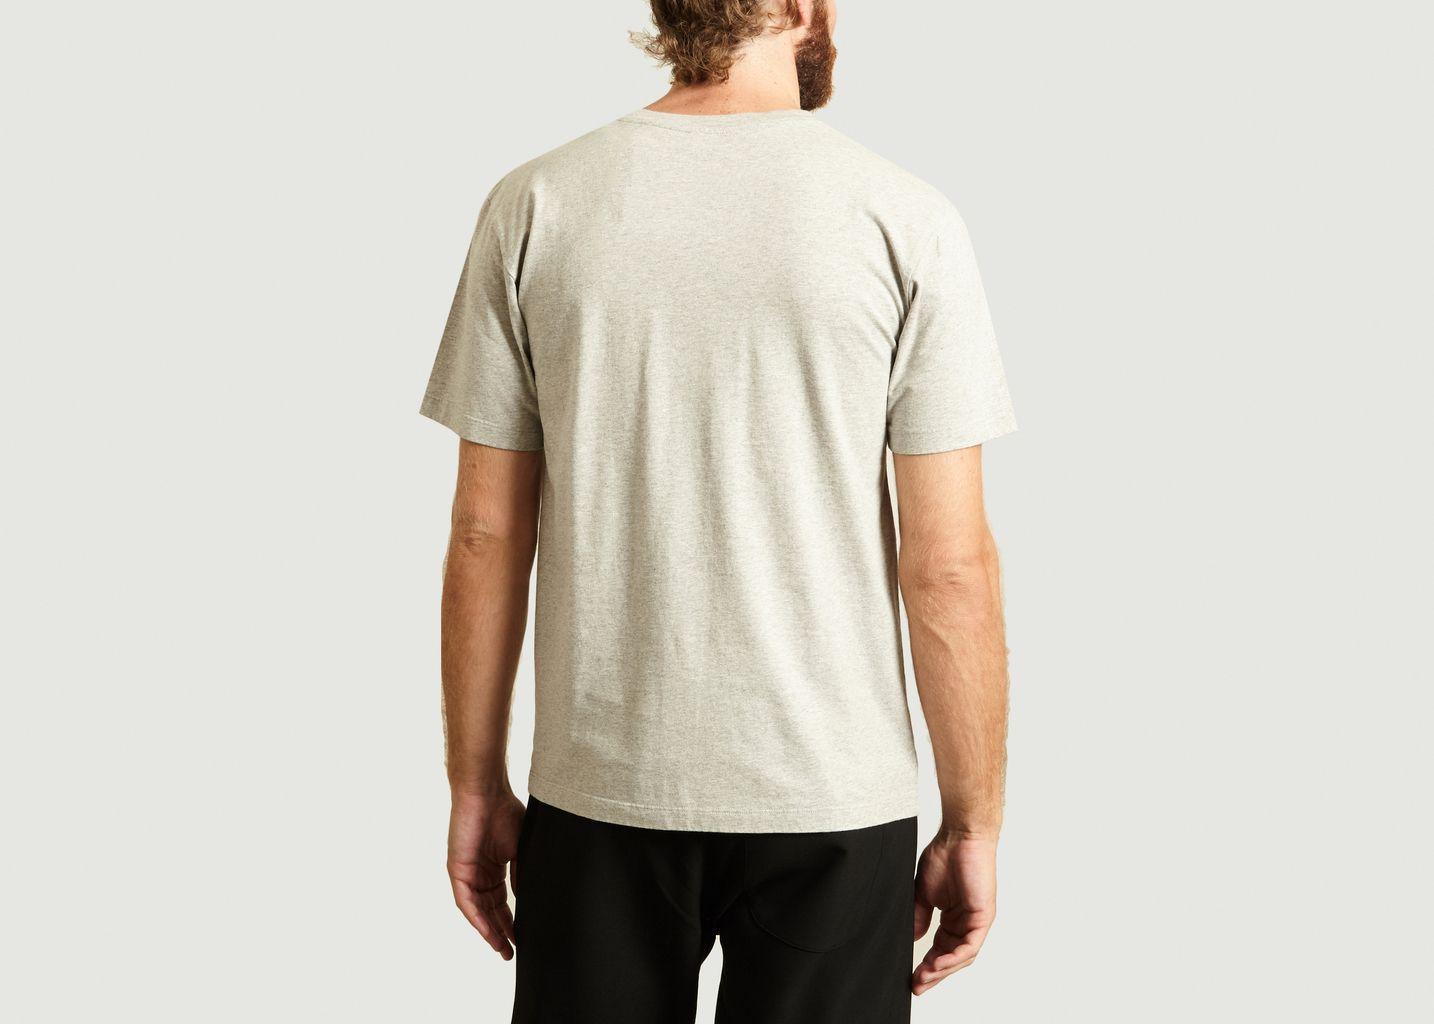 T-shirt View - Loreak Mendian